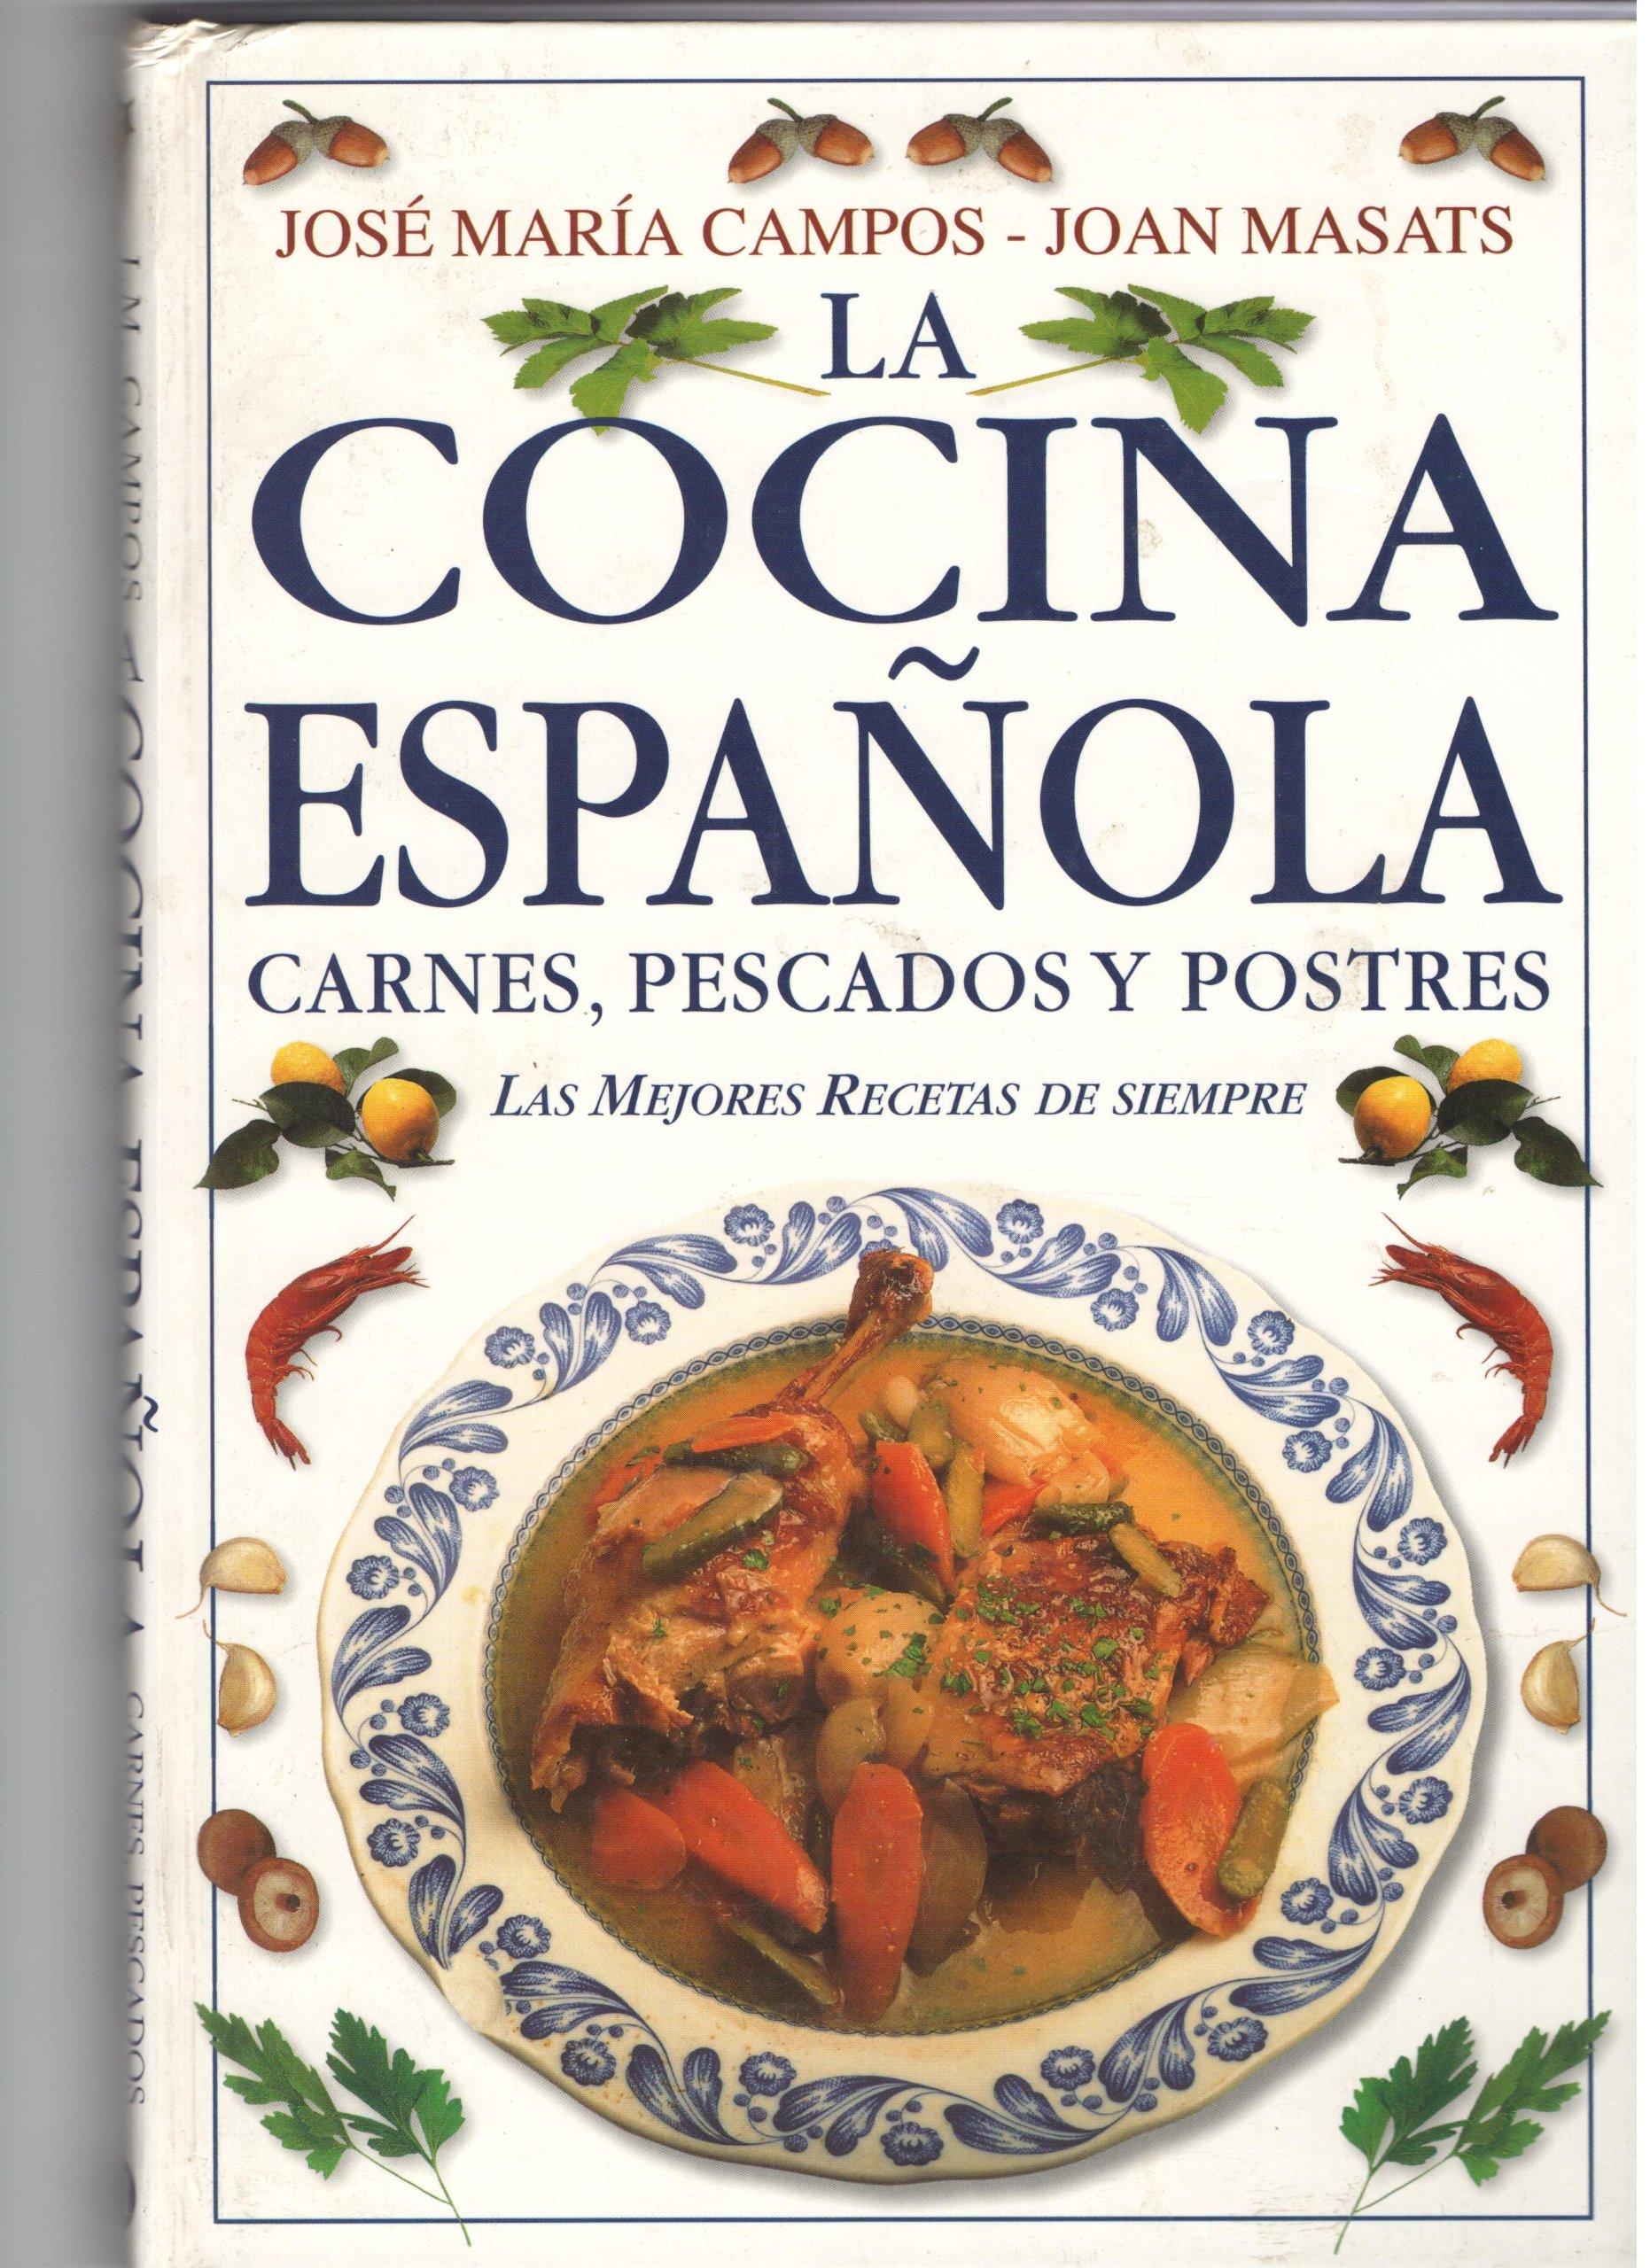 La cocina española. entrantes y primeros platos. Las mejores recetas de siempre: Amazon.es: Campos, José Mª; Masats, Joan: Libros